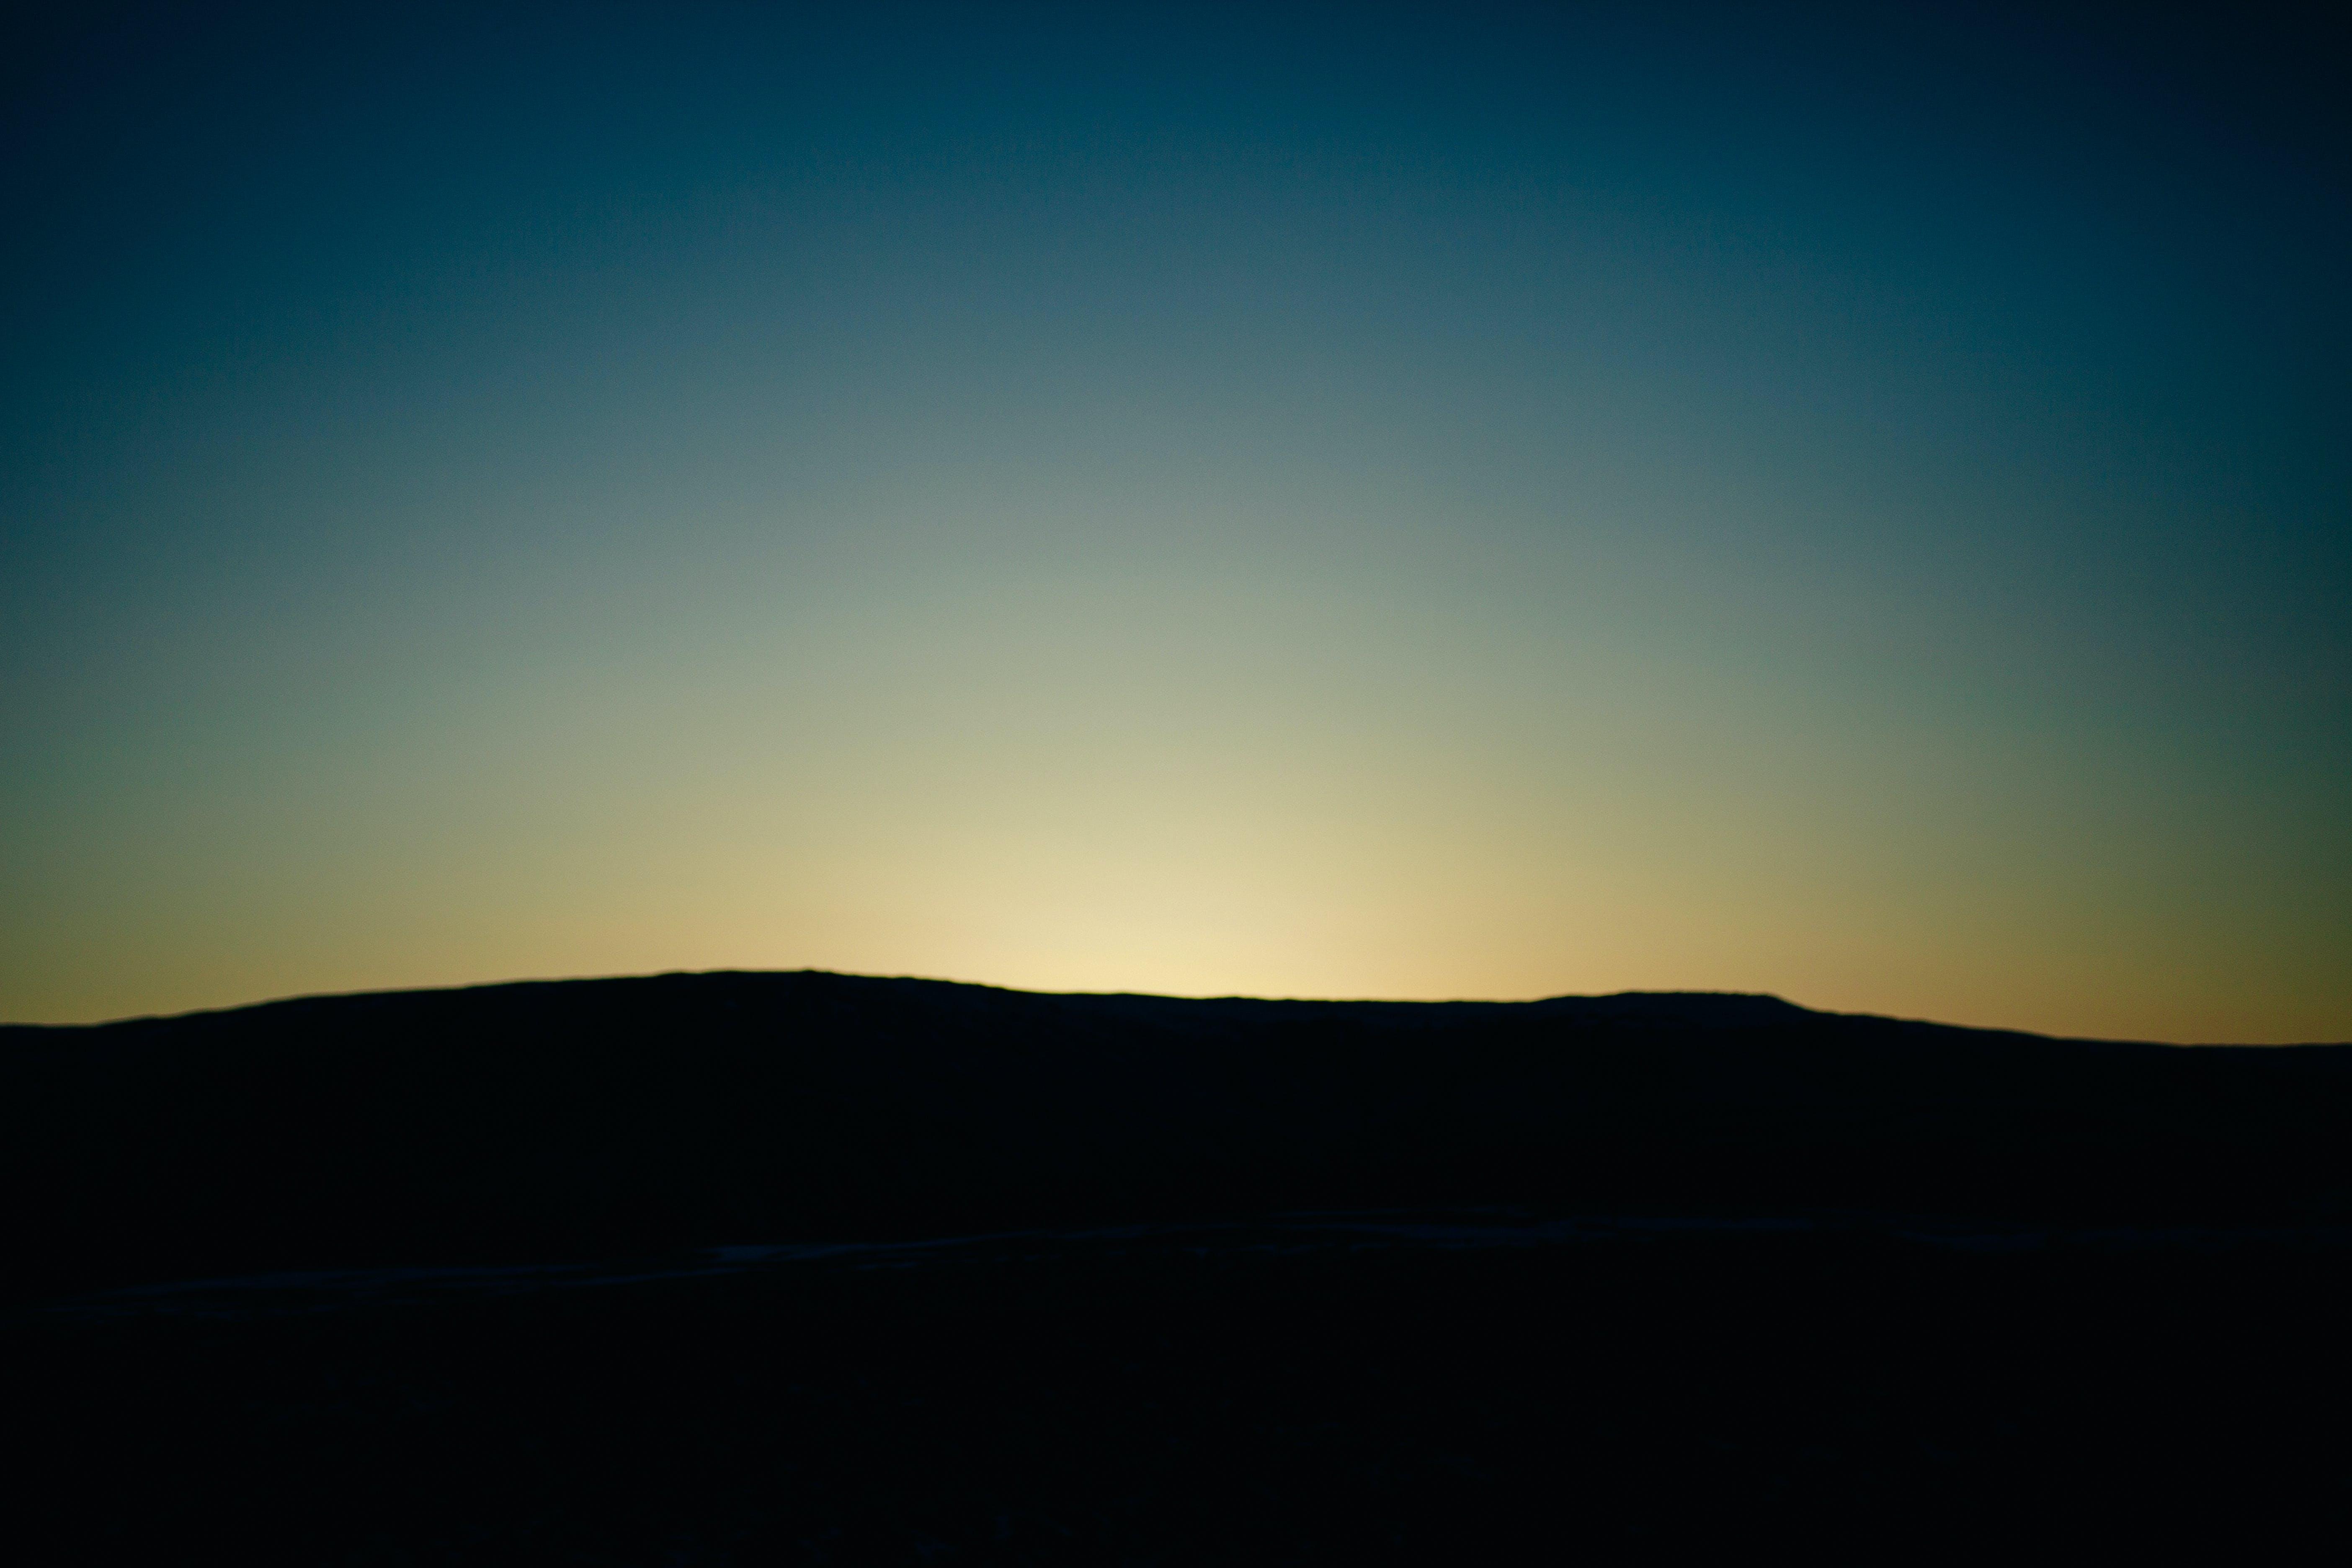 morgengry, mørk, nat